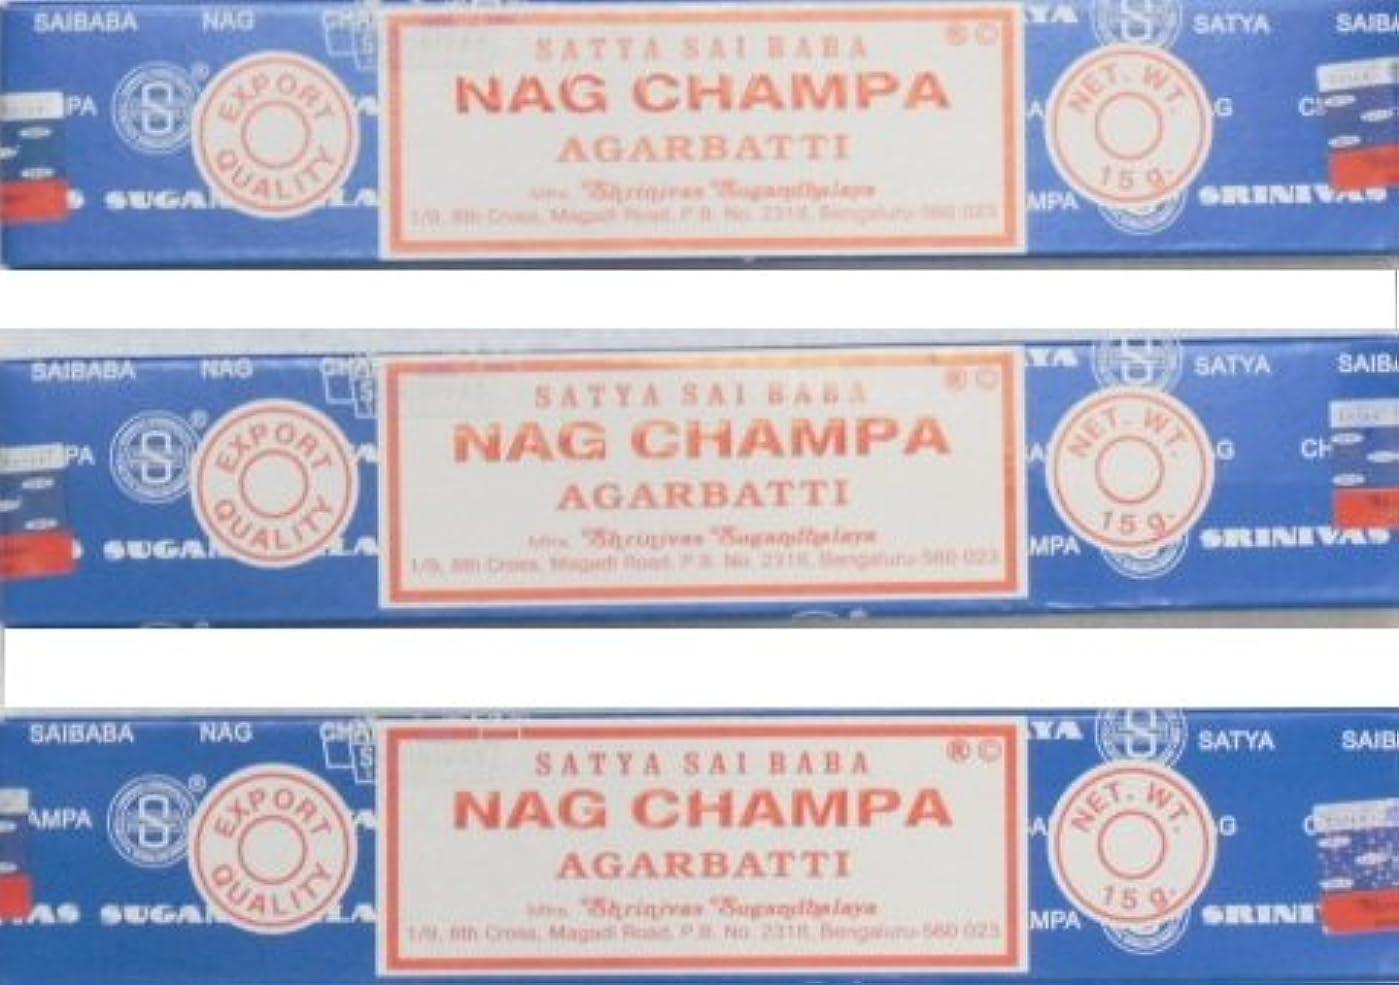 使用法肥料メルボルンサイババナグチャンパ香15g 3箱セット SATYA-02